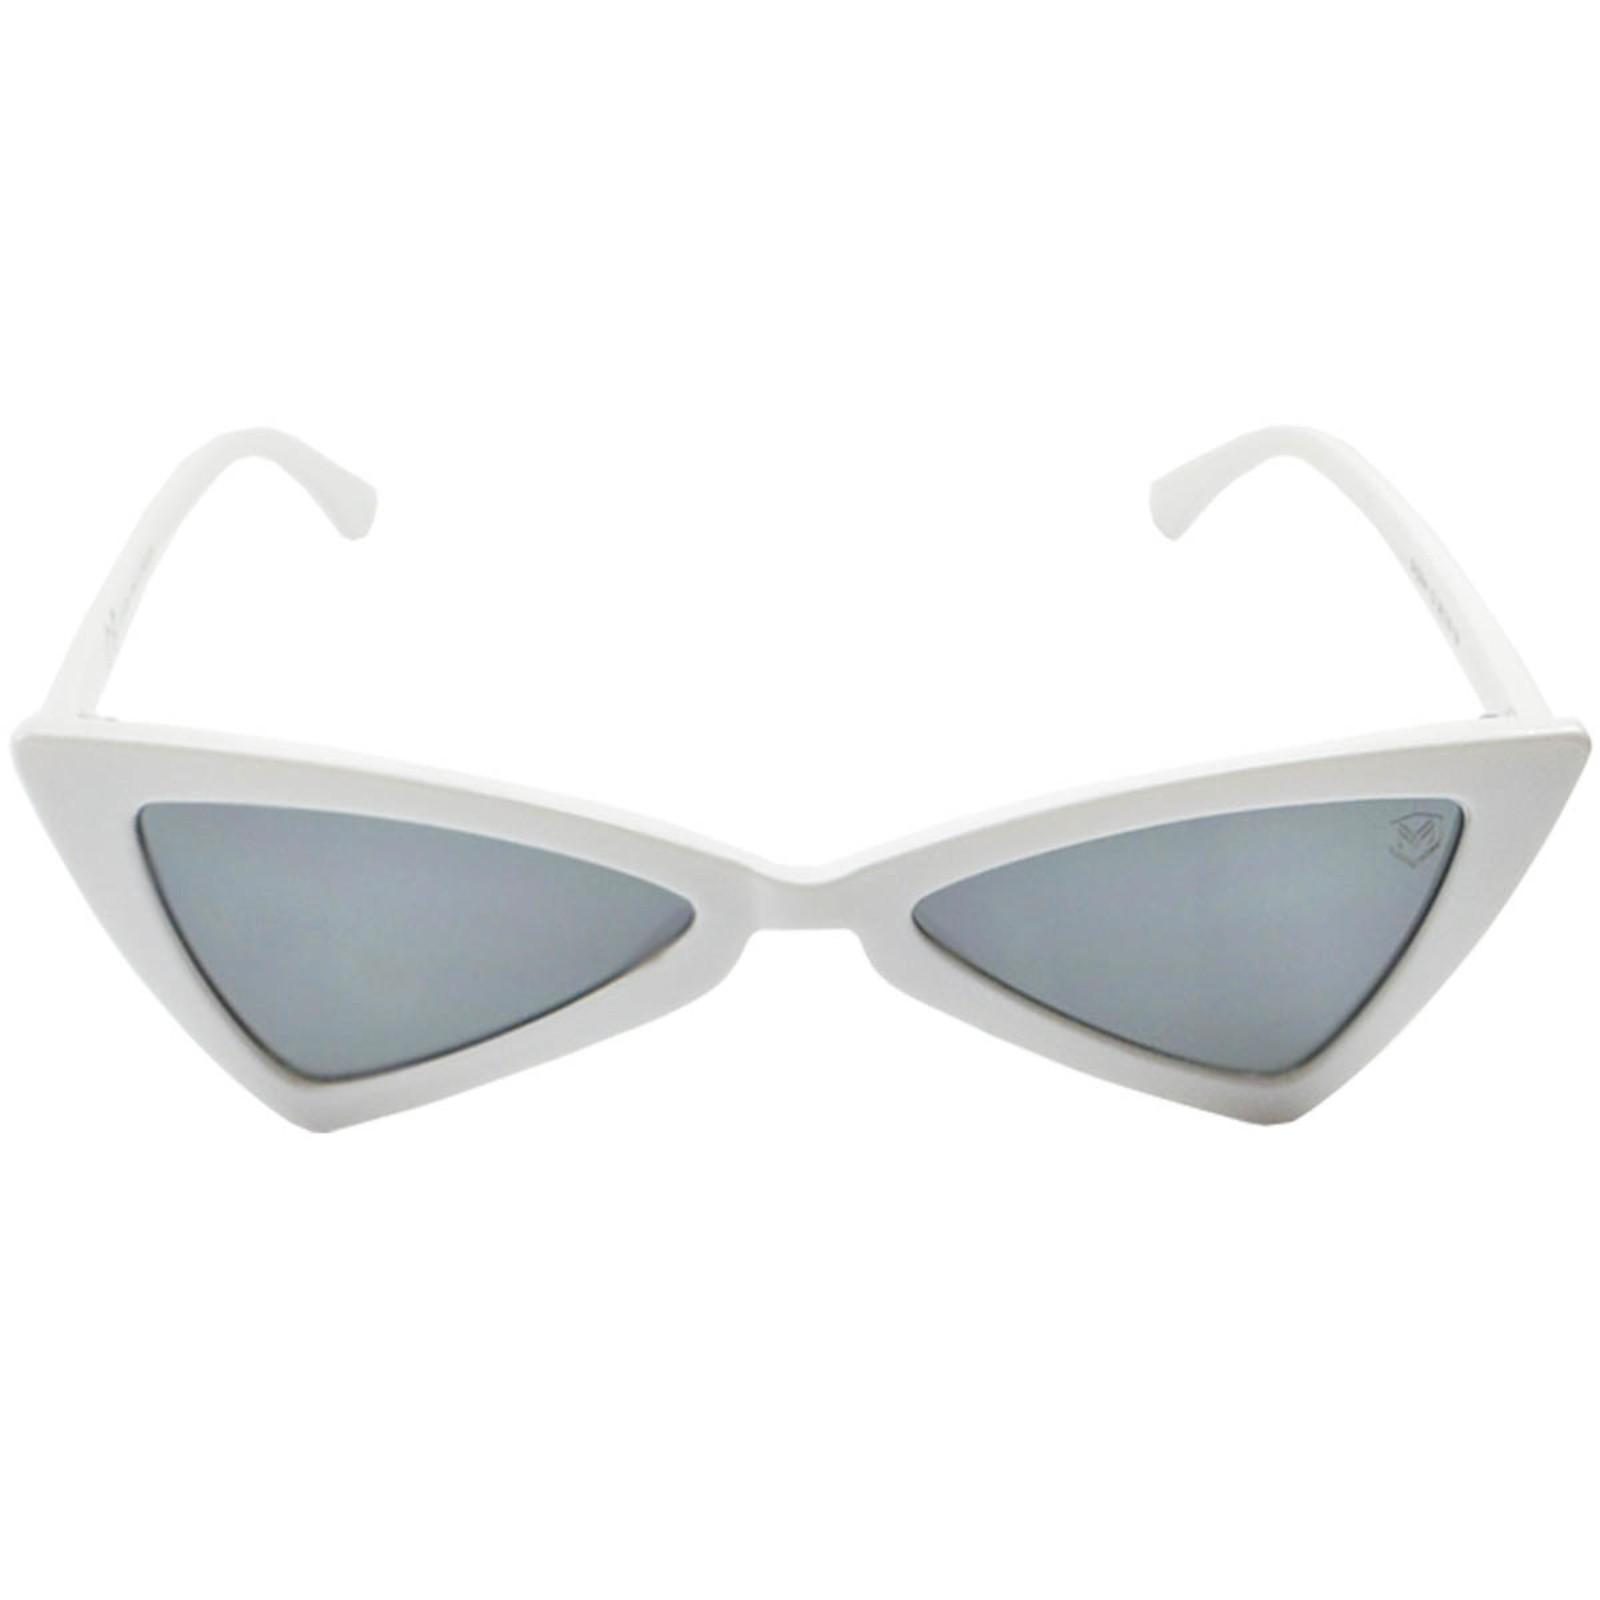 Óculos De Sol Mackage Feminino Acetato Butterfly - Branco